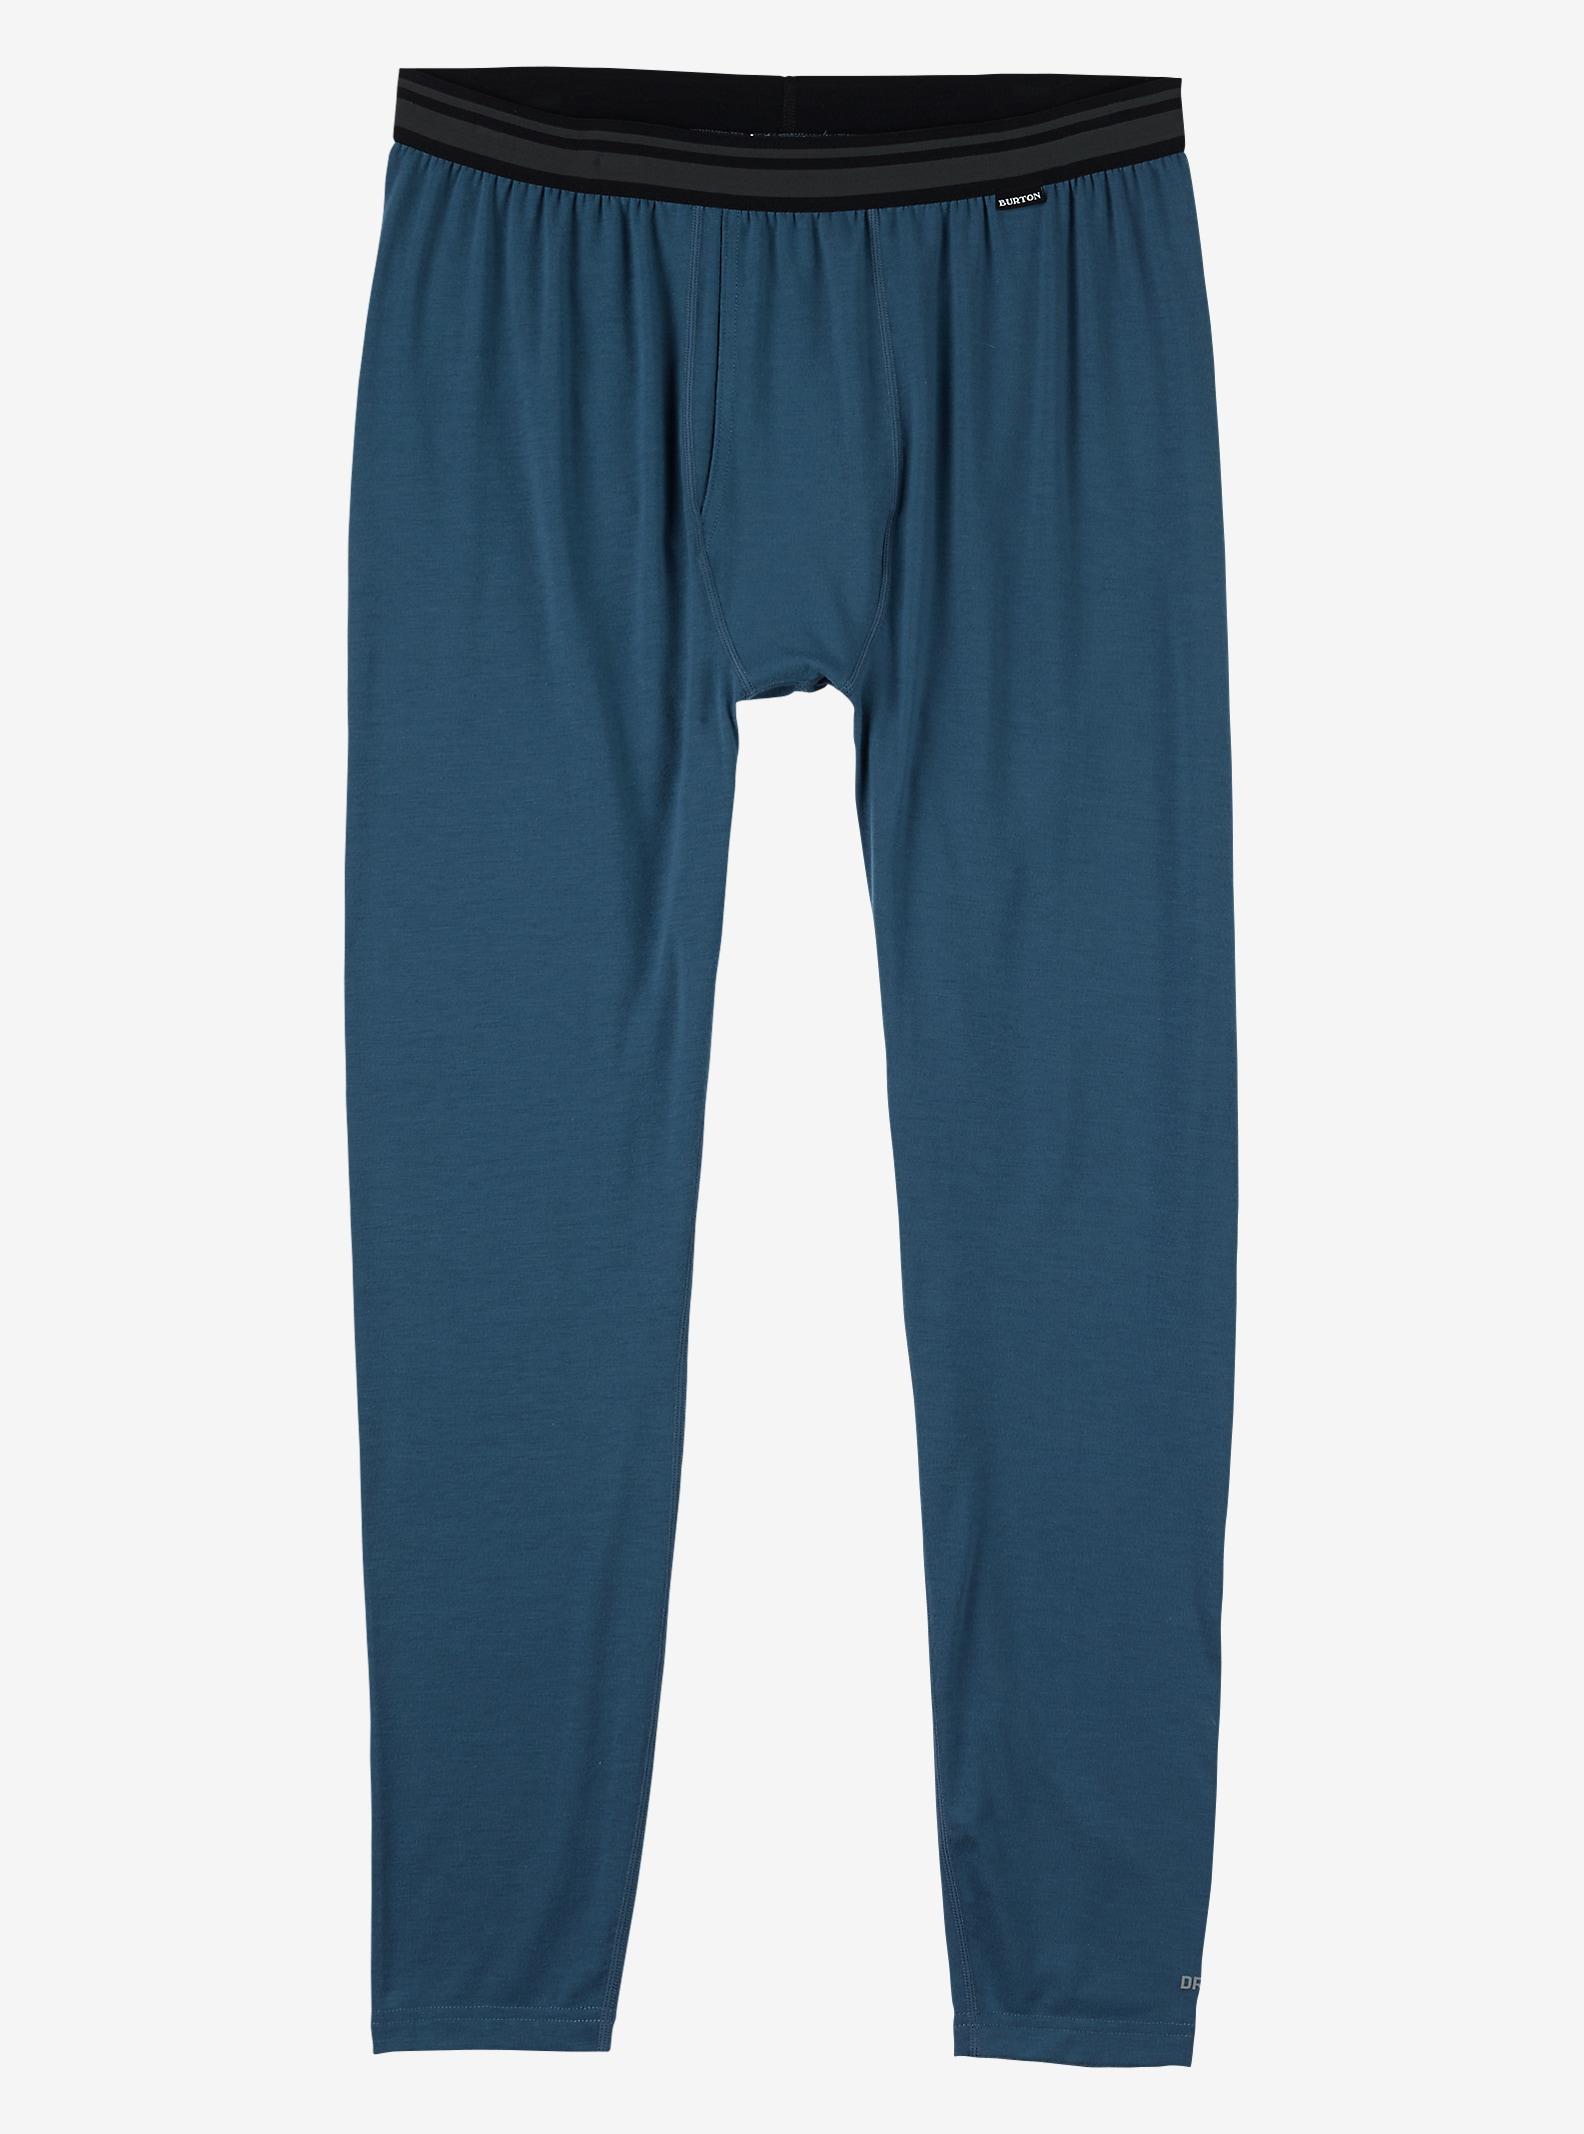 Burton Funktionswäsche Mittelschwere Hose angezeigt in Washed Blue